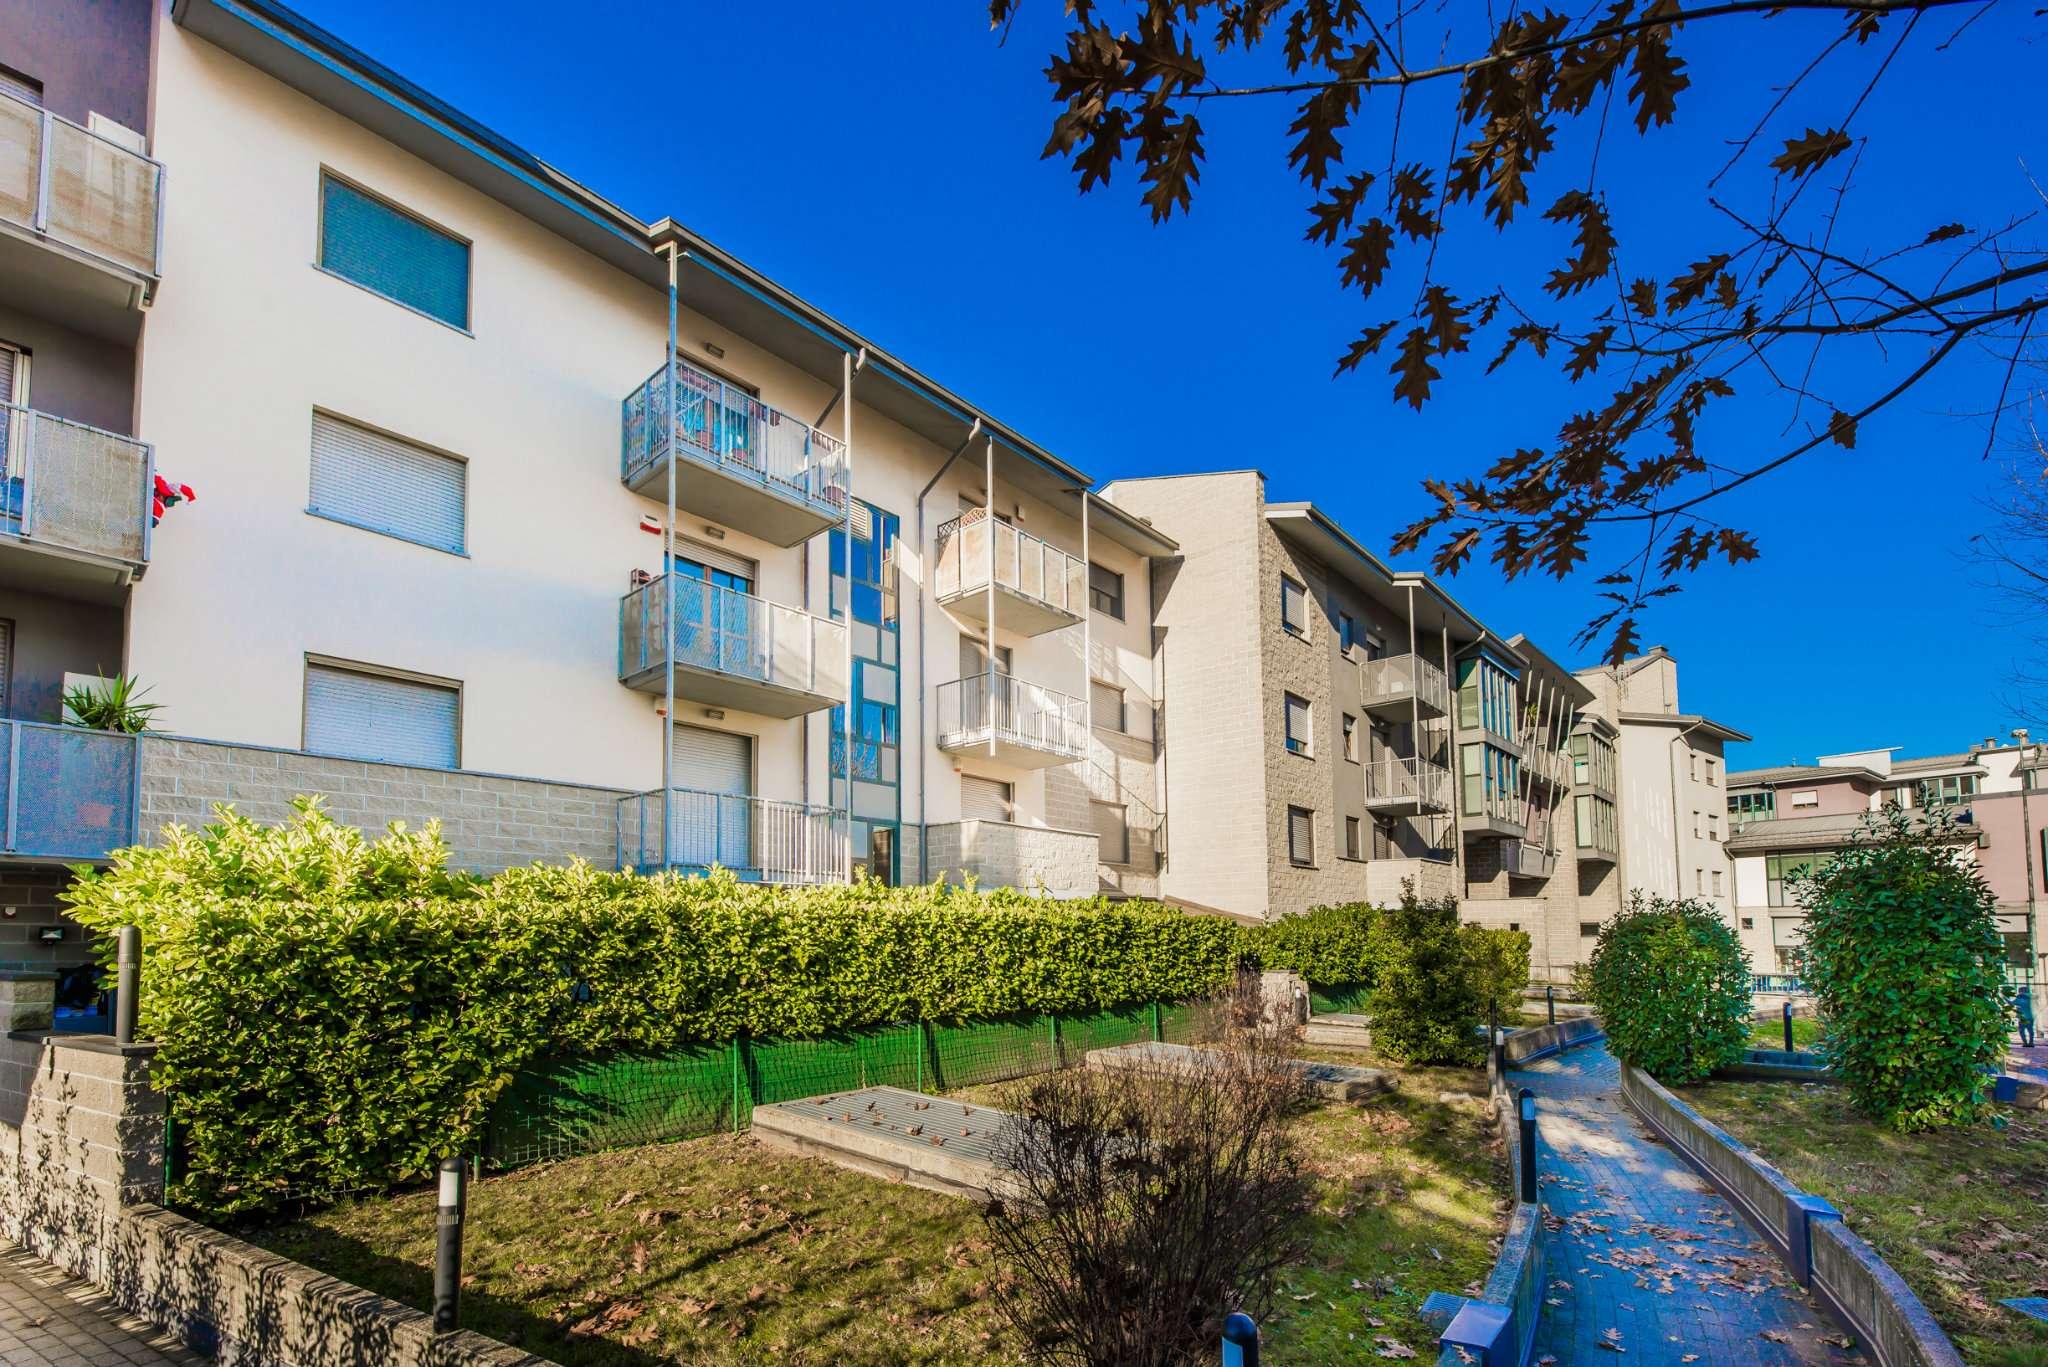 Appartamento in vendita a Grugliasco, 4 locali, prezzo € 229.000 | CambioCasa.it